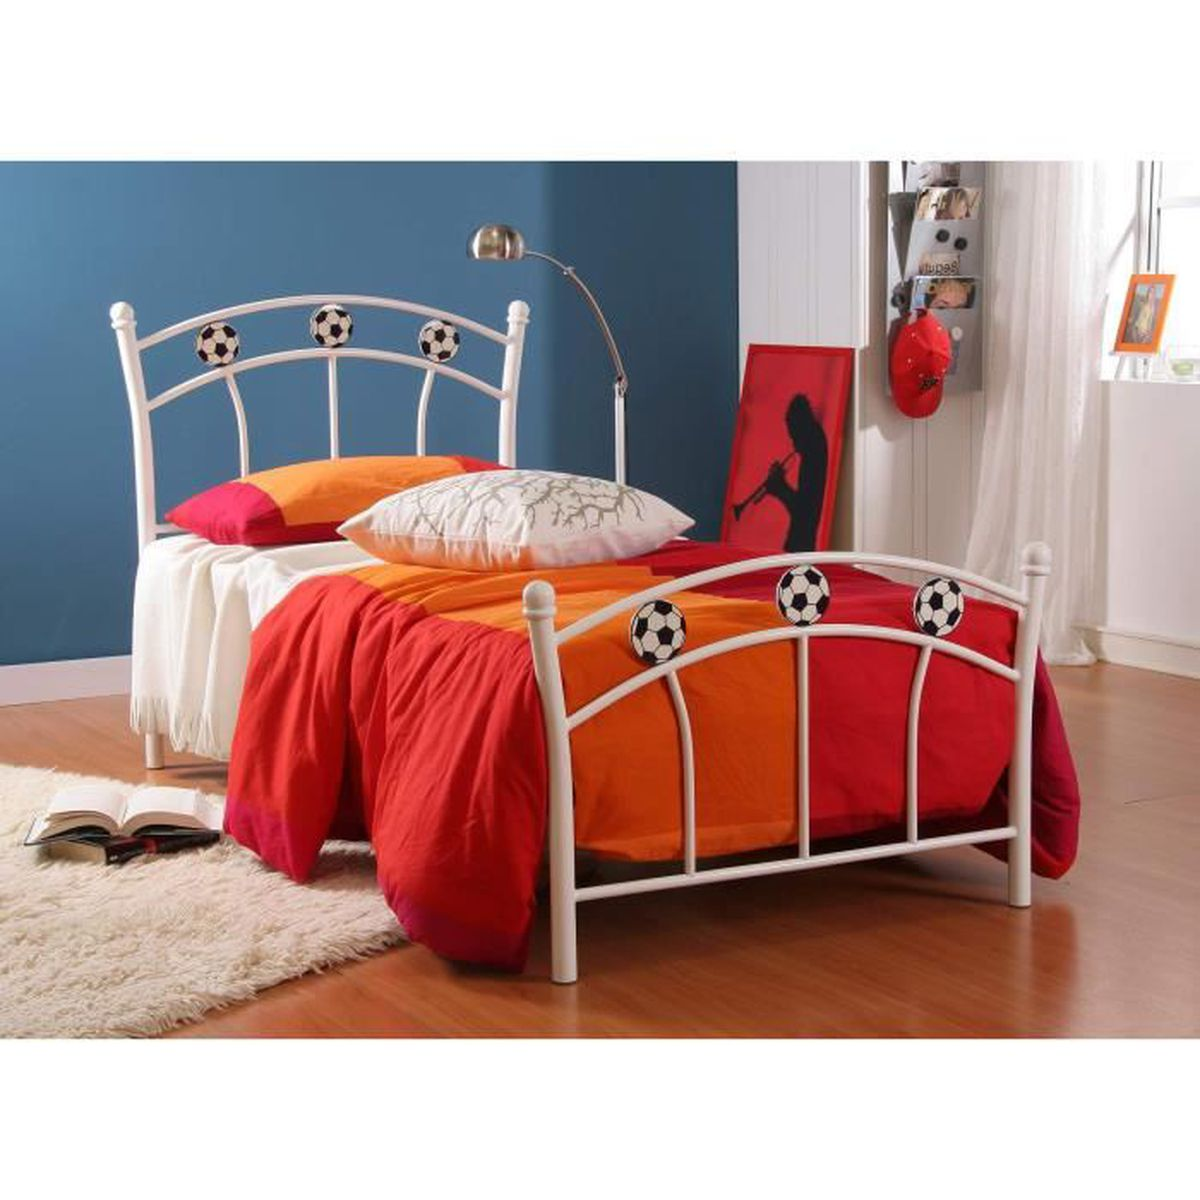 Lit enfant foot achat vente lit complet lit enfant foot cdiscount - C discount lit enfant ...